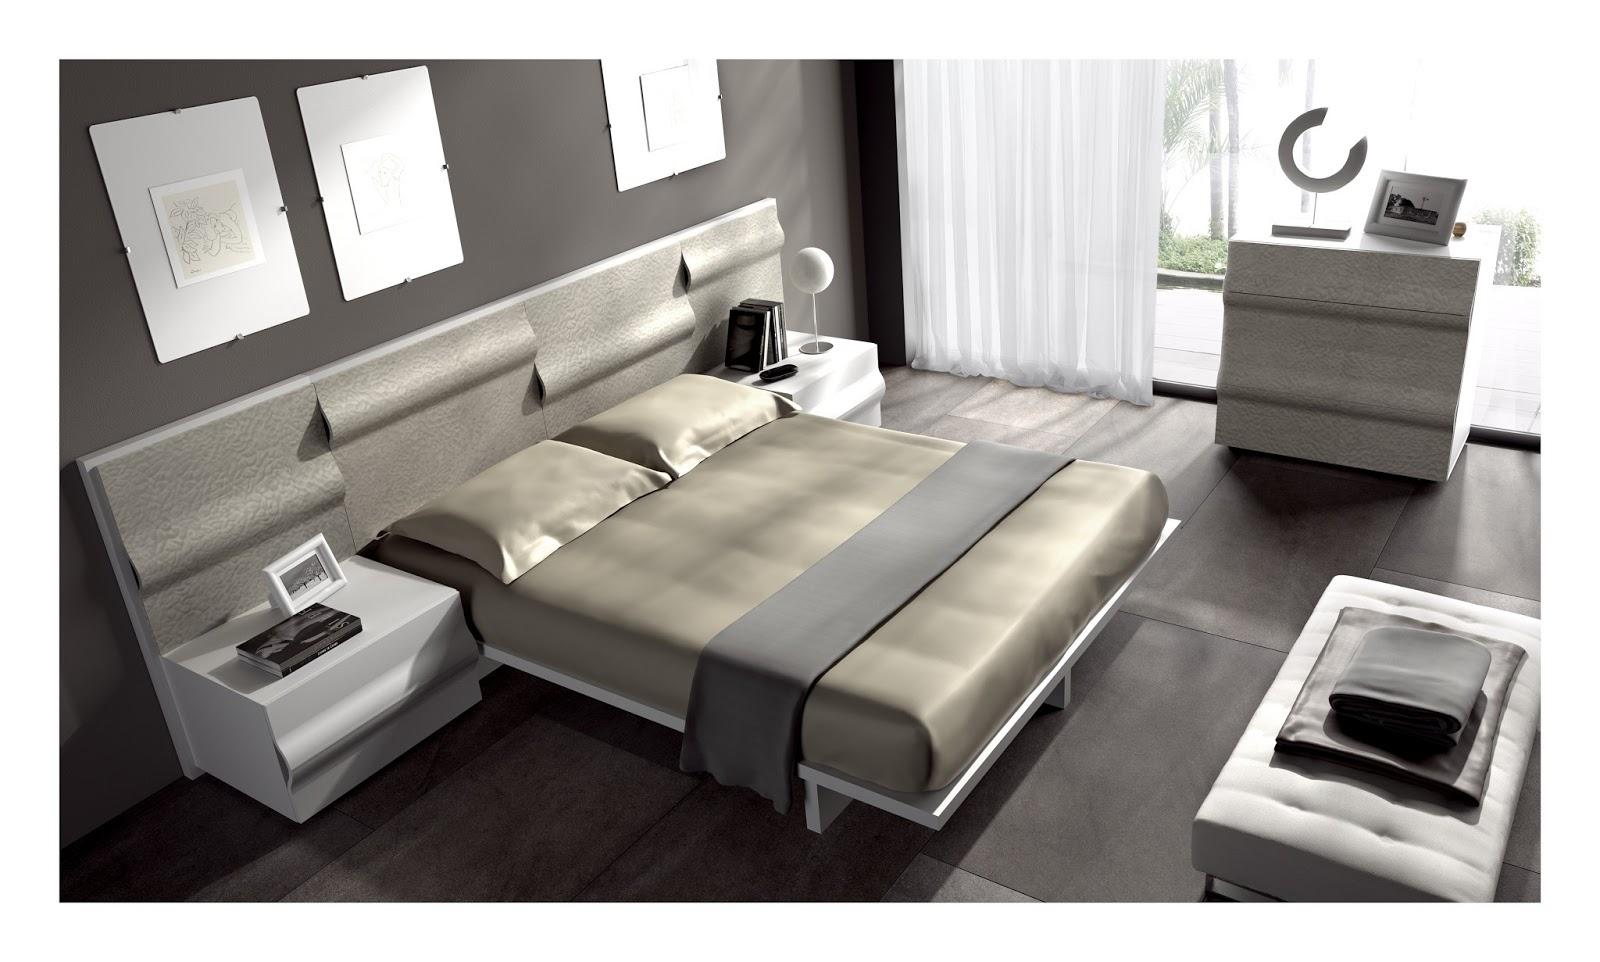 Informaci n de mobiliario opini n de producto coleccion - Muebles mesegue ...